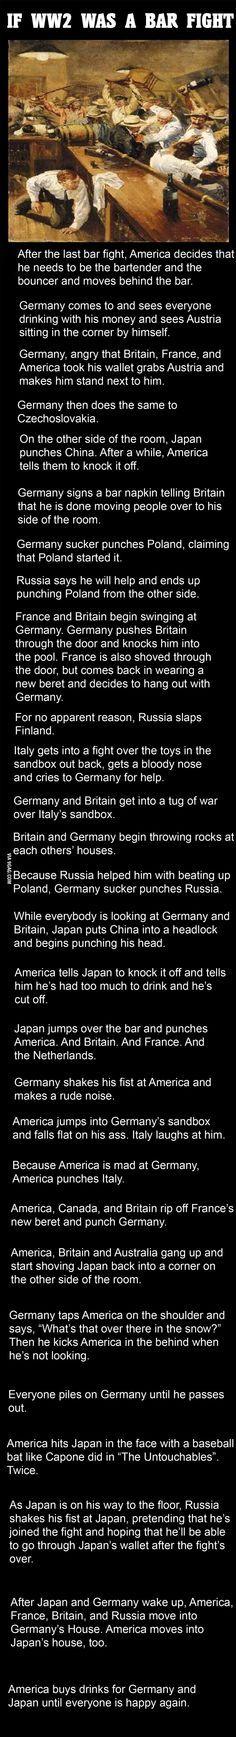 If World War 2 Was A Bar Fight